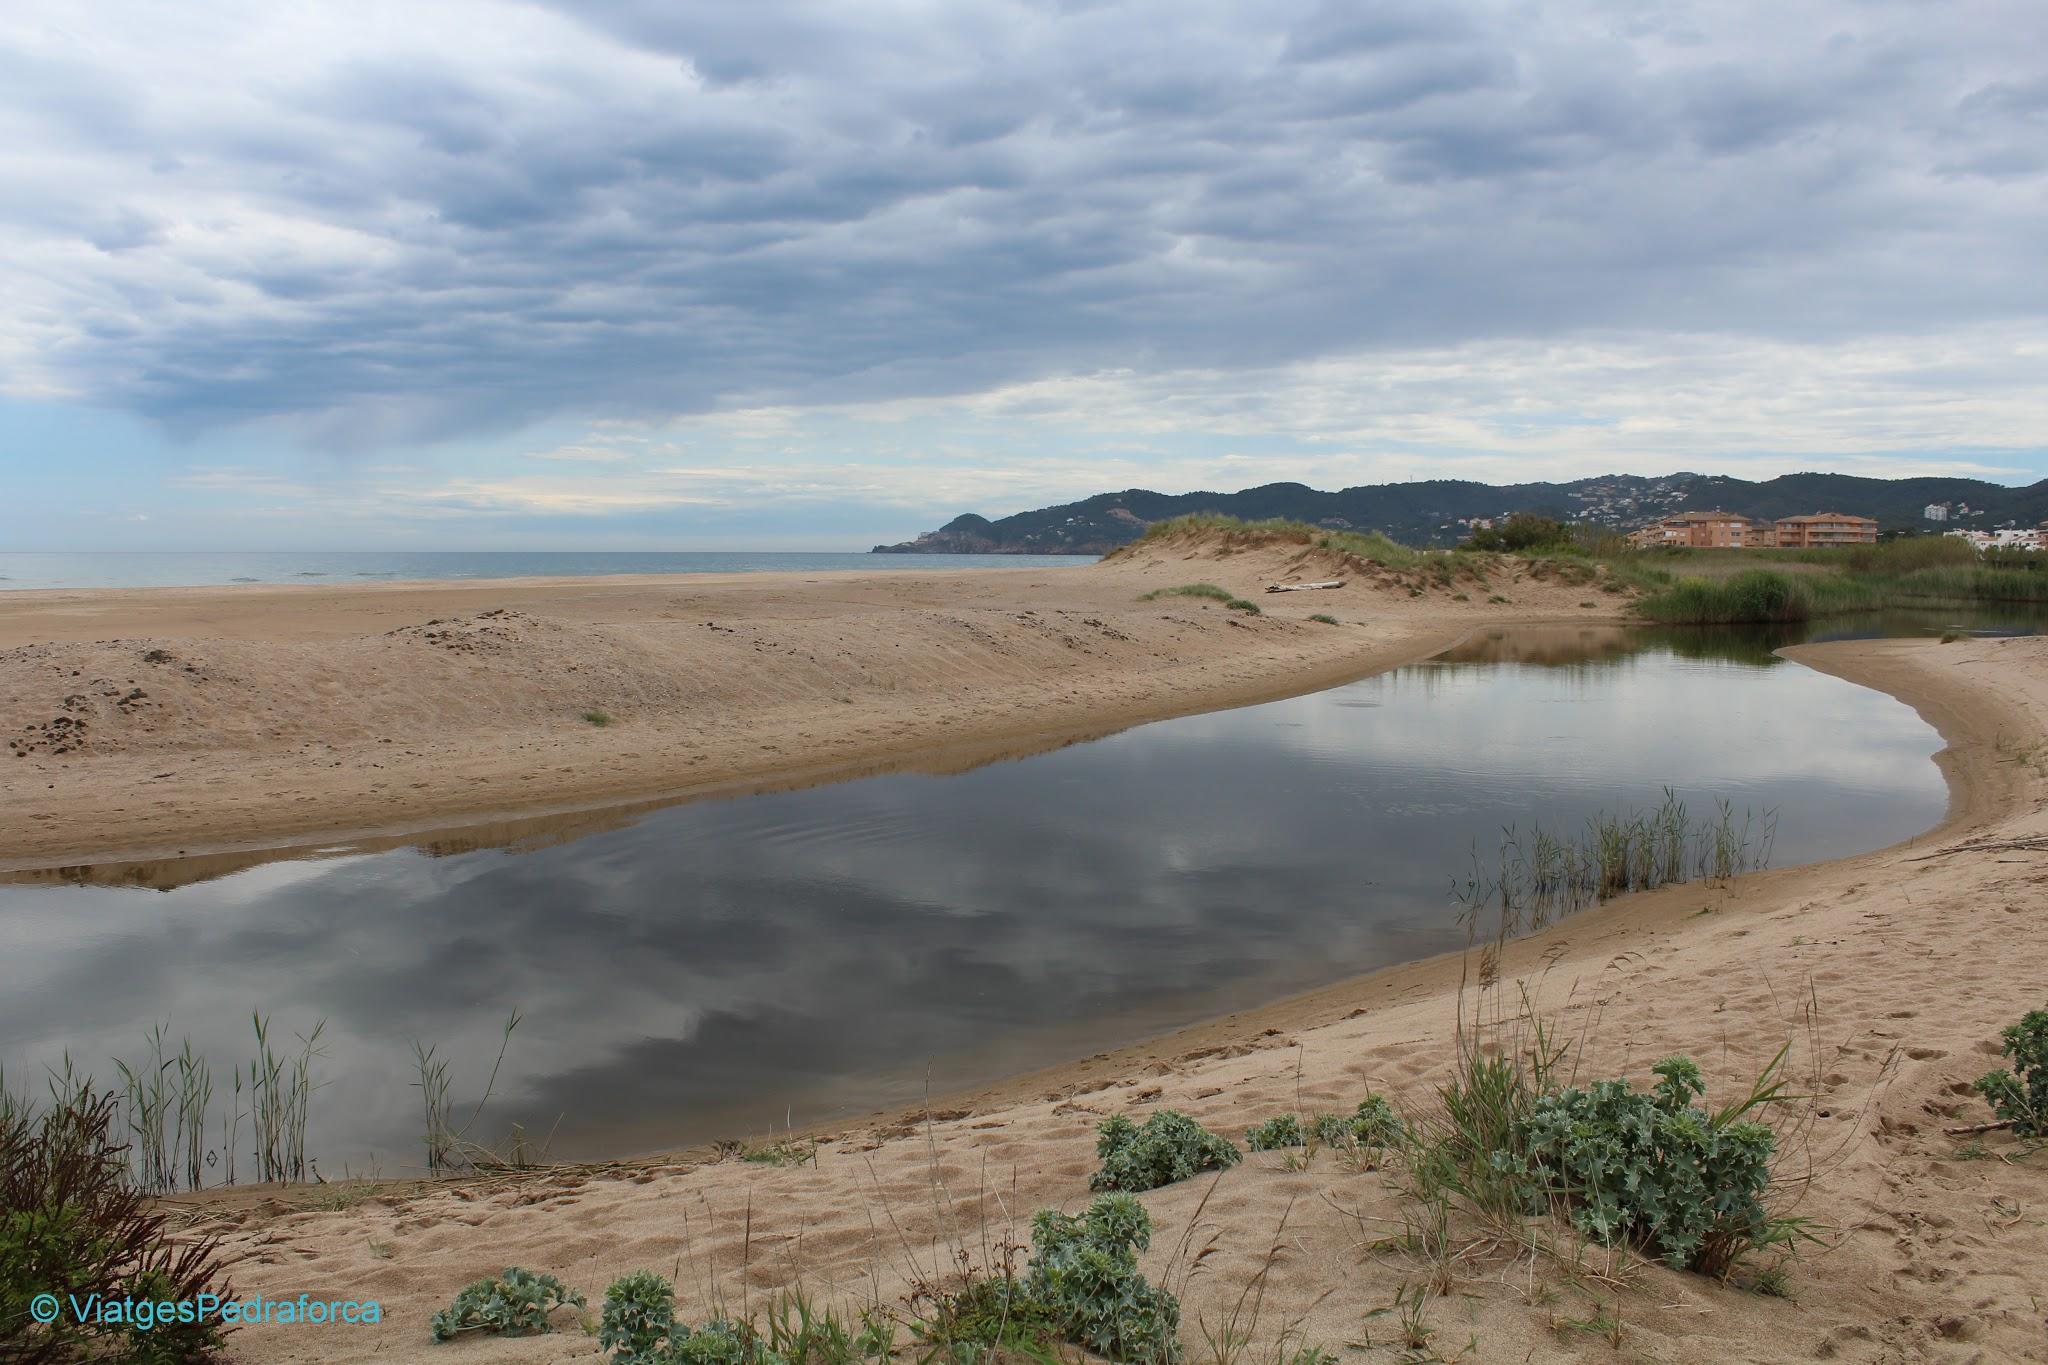 Parc natural del Montgrí, les Illes Medes i el Baix Ter, senderisme, excursions fàcils per la Costa Brava, Baix Empordà